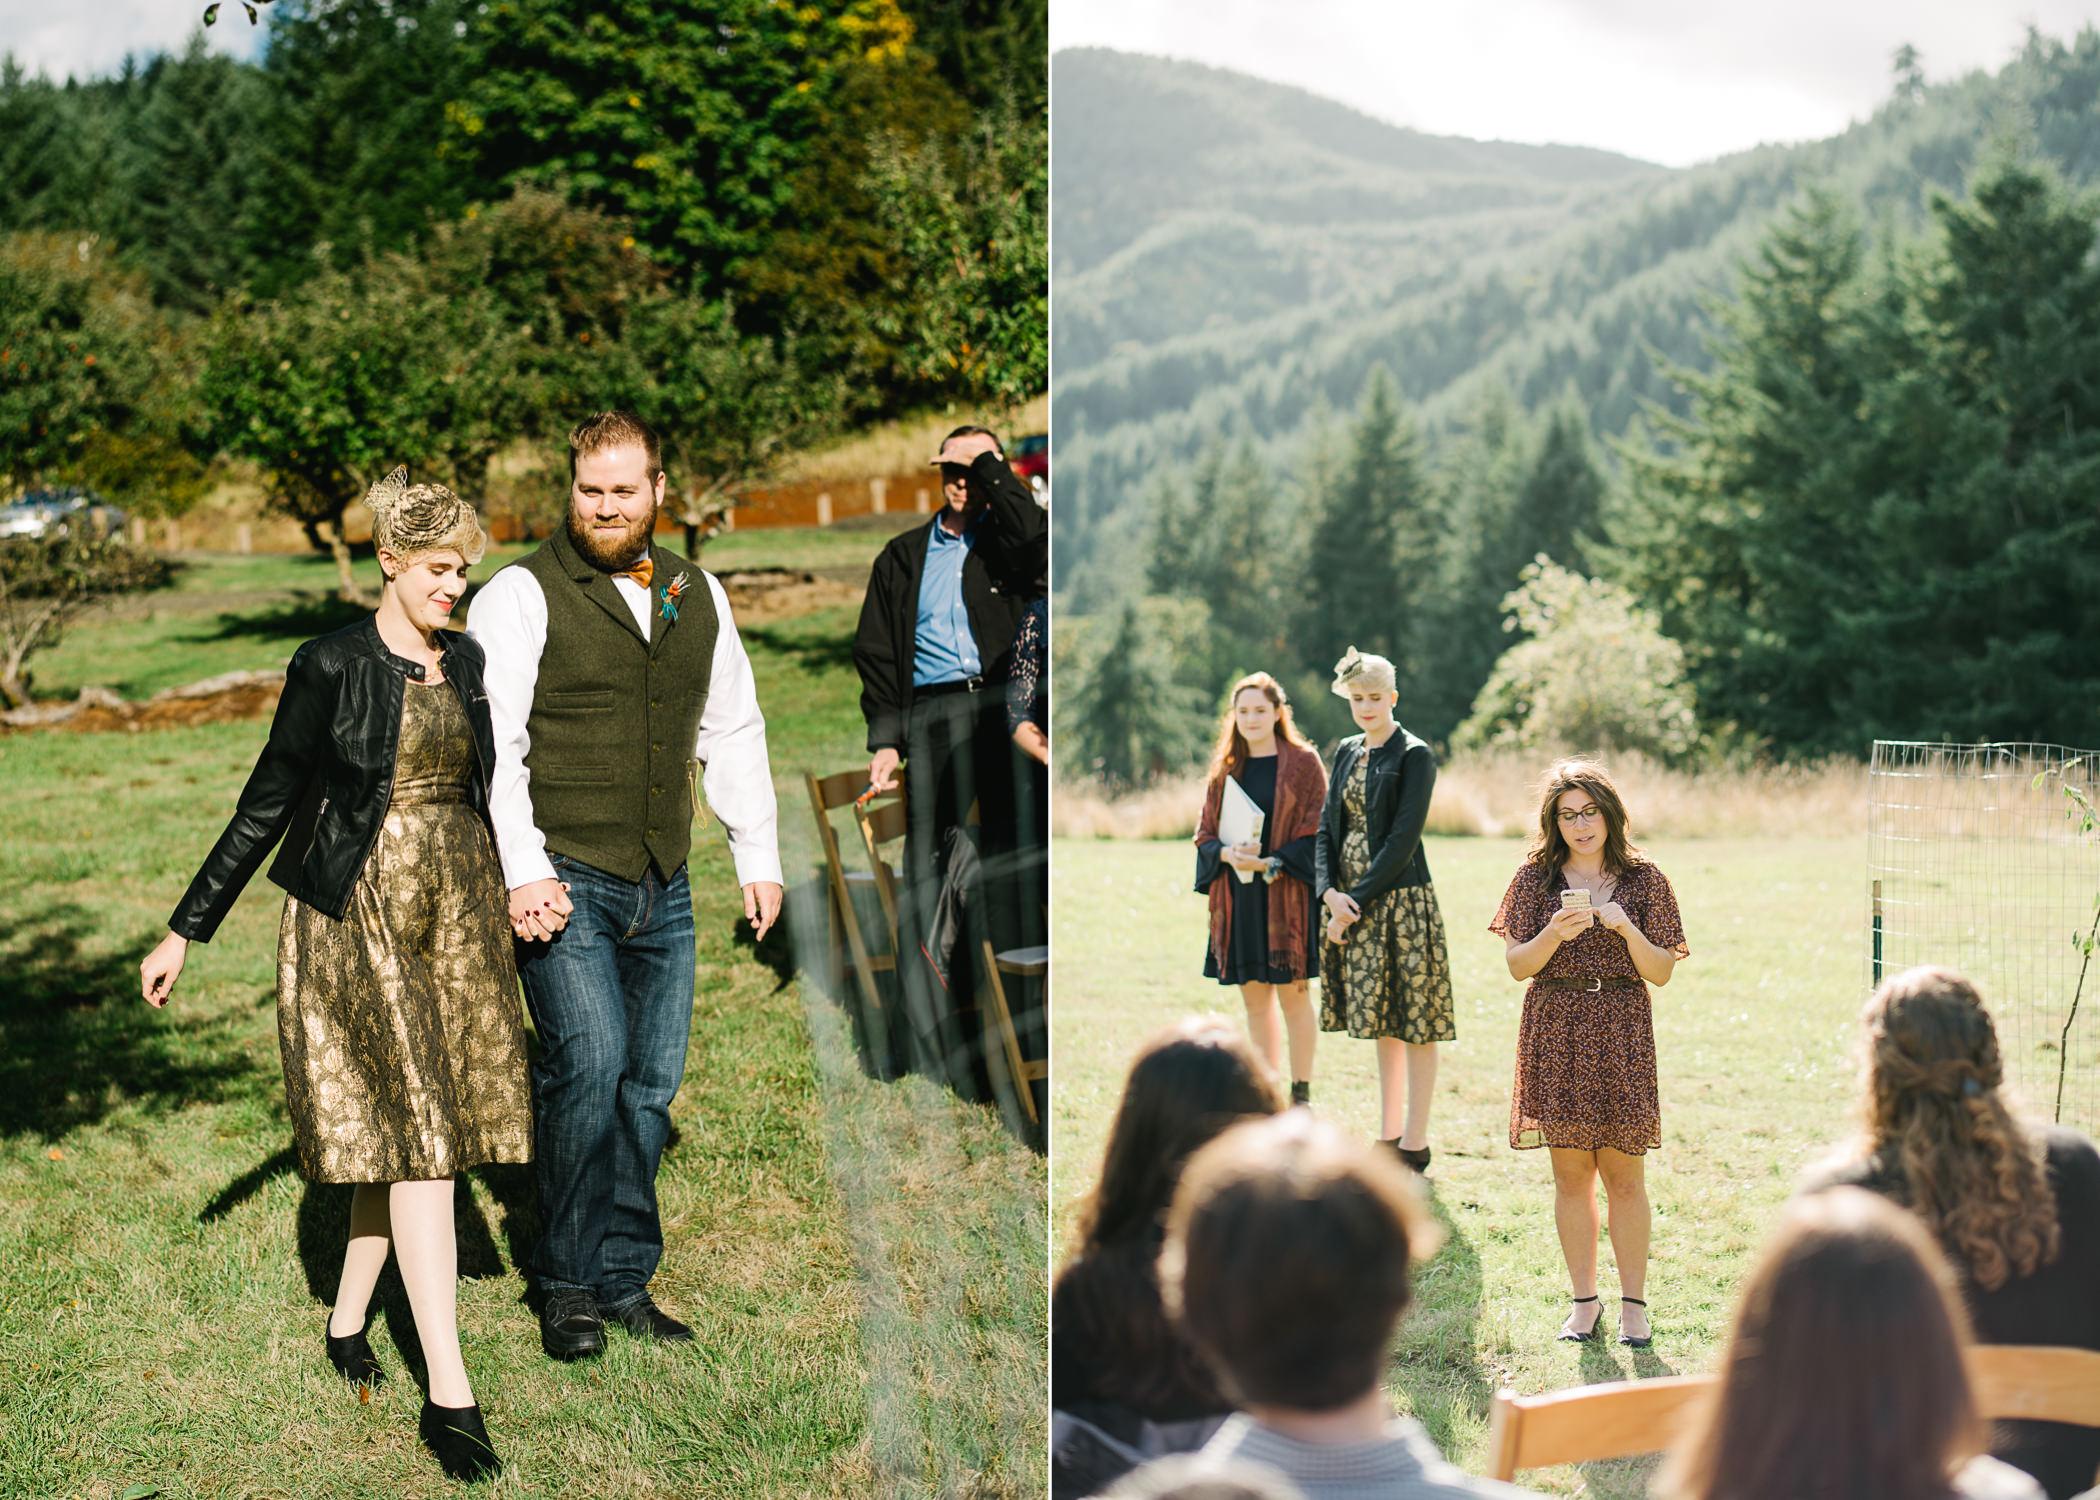 beazell-memorial-forest-philomath-wedding-033a.jpg